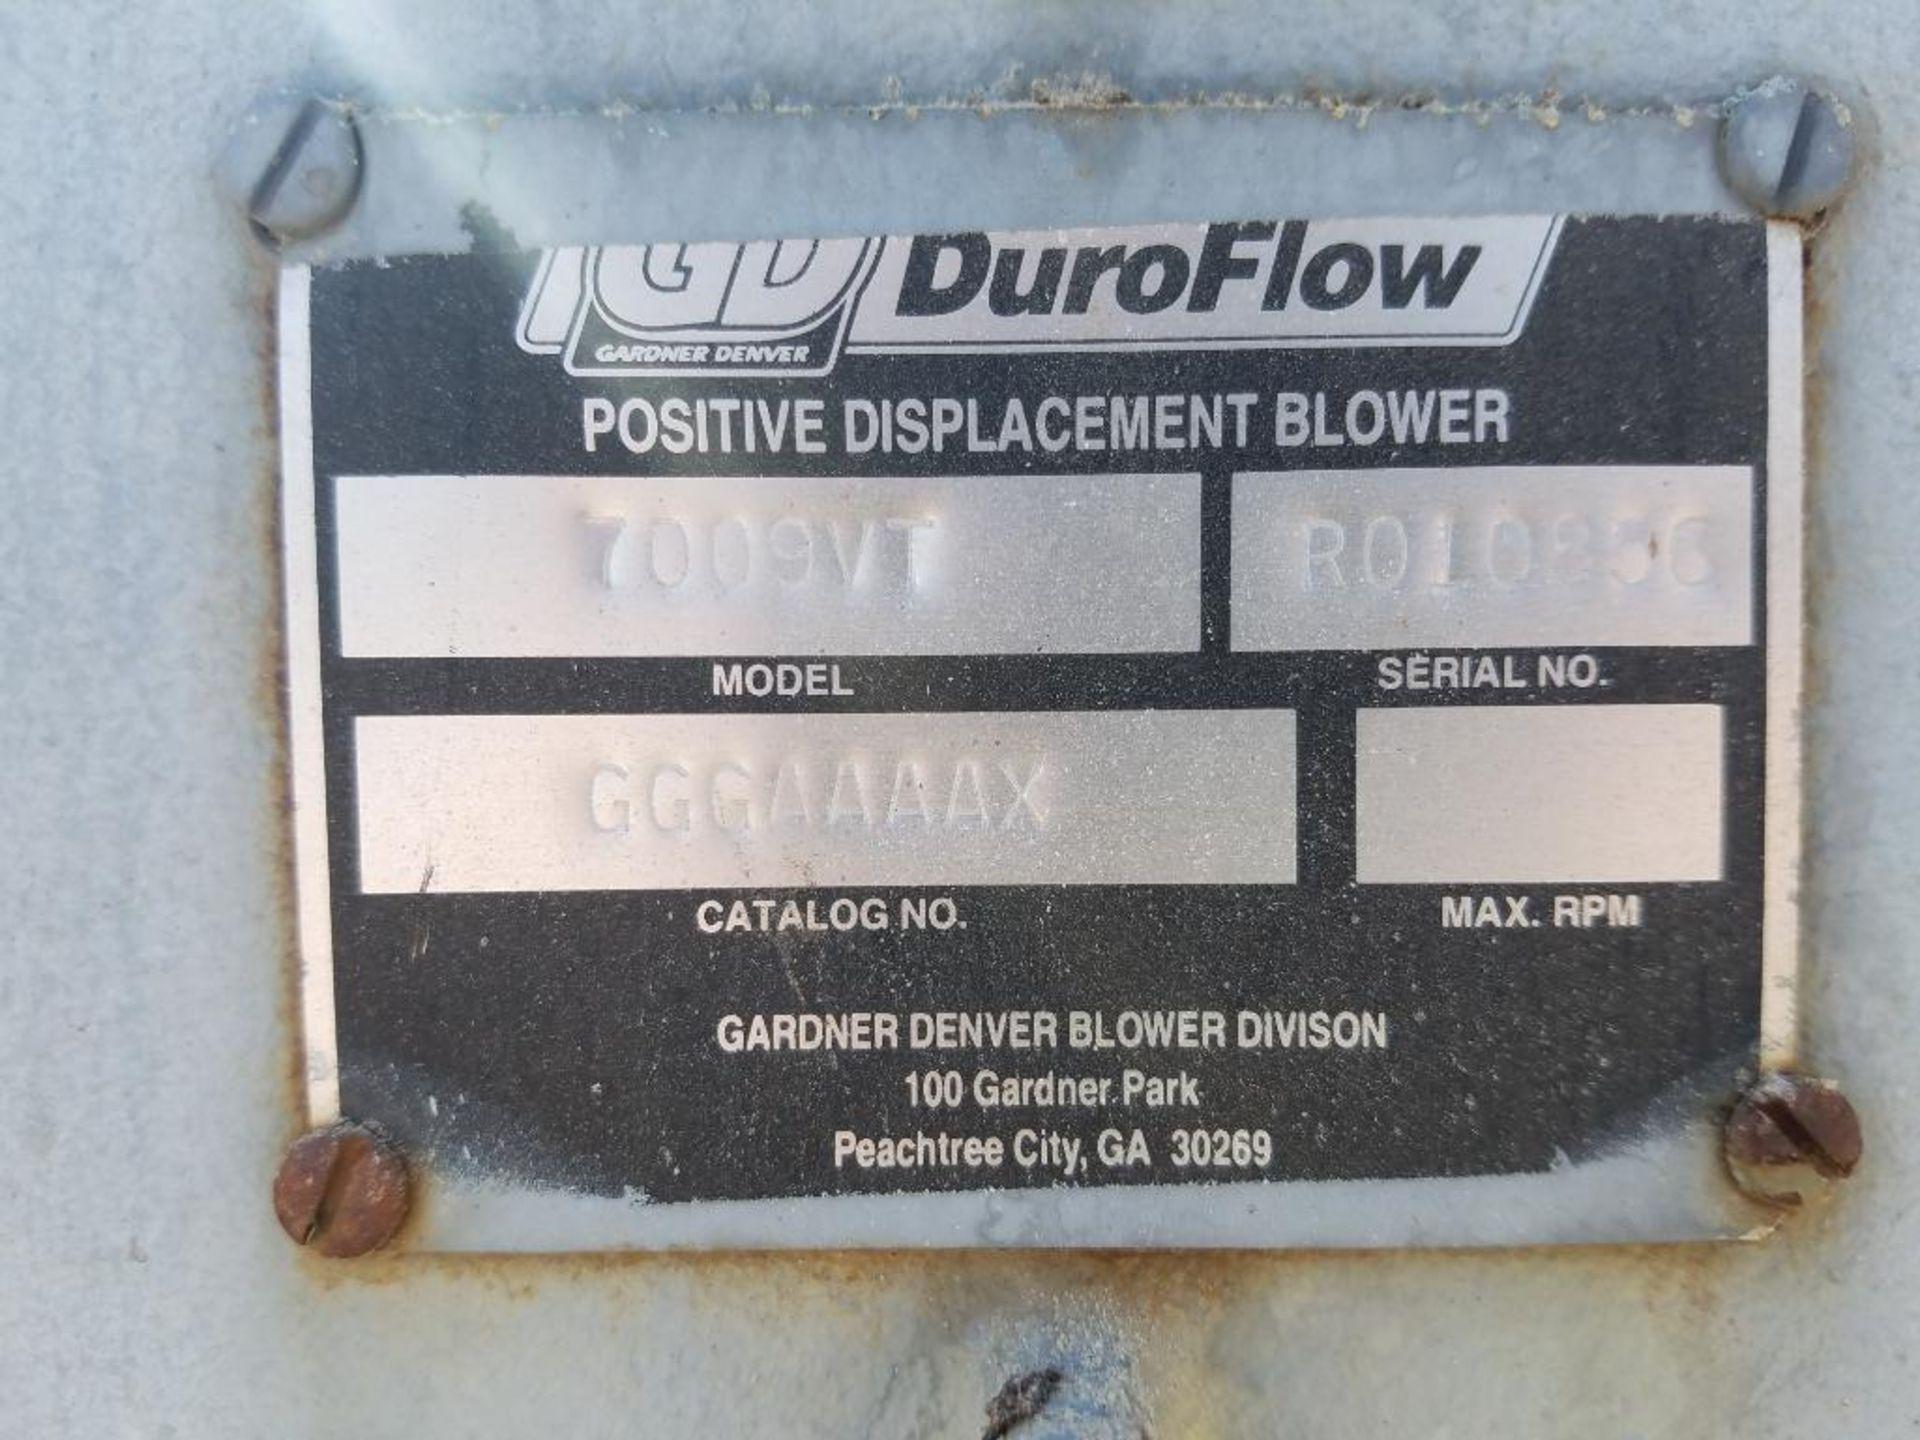 Gardner Denver Duroflow rotary positive blower - Image 5 of 7